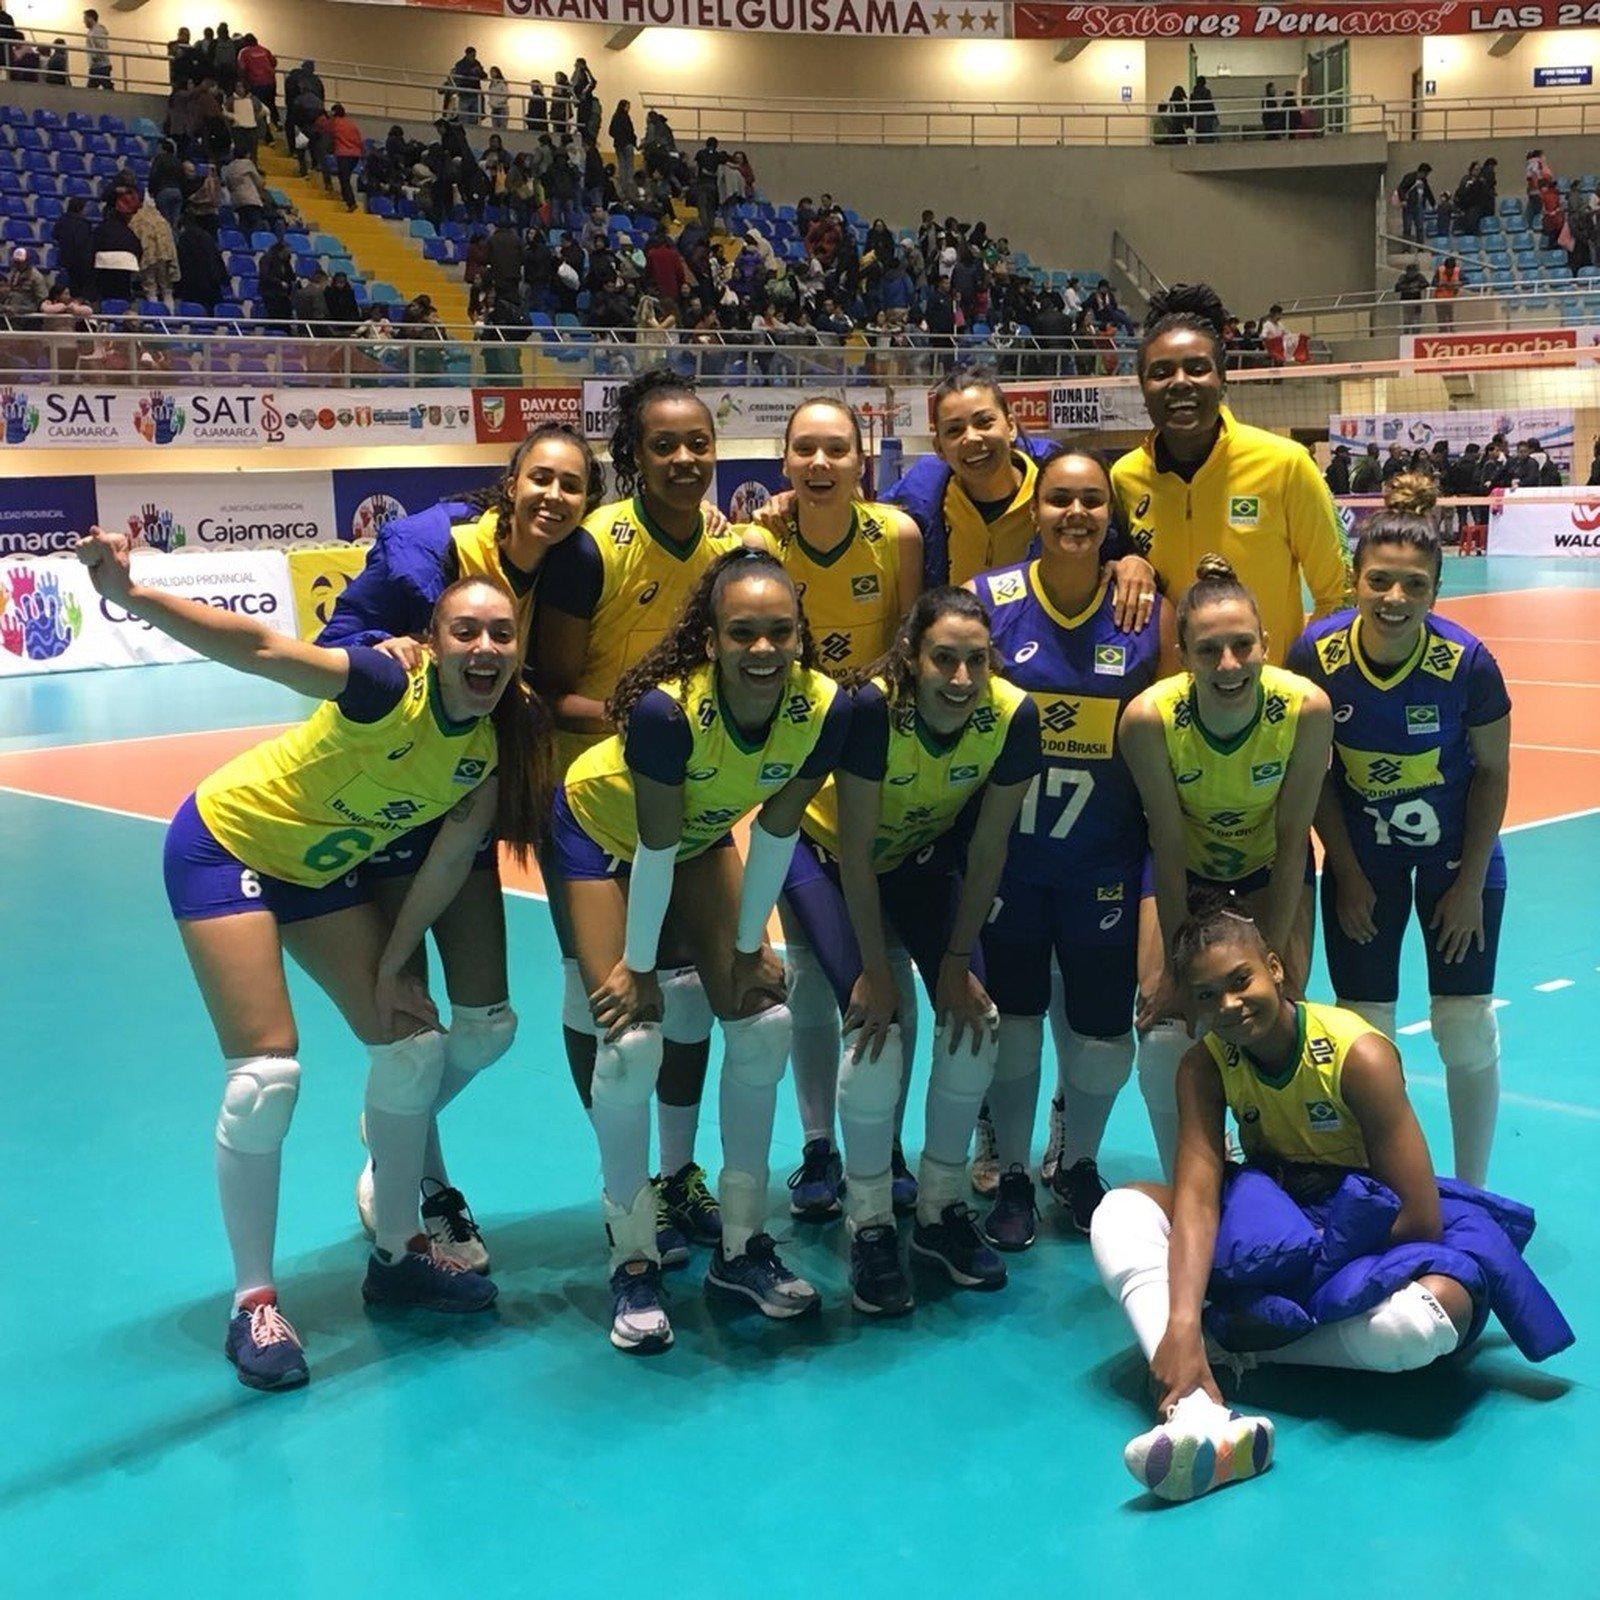 Brasil campeão sul-americano de vôlei feminino 2019